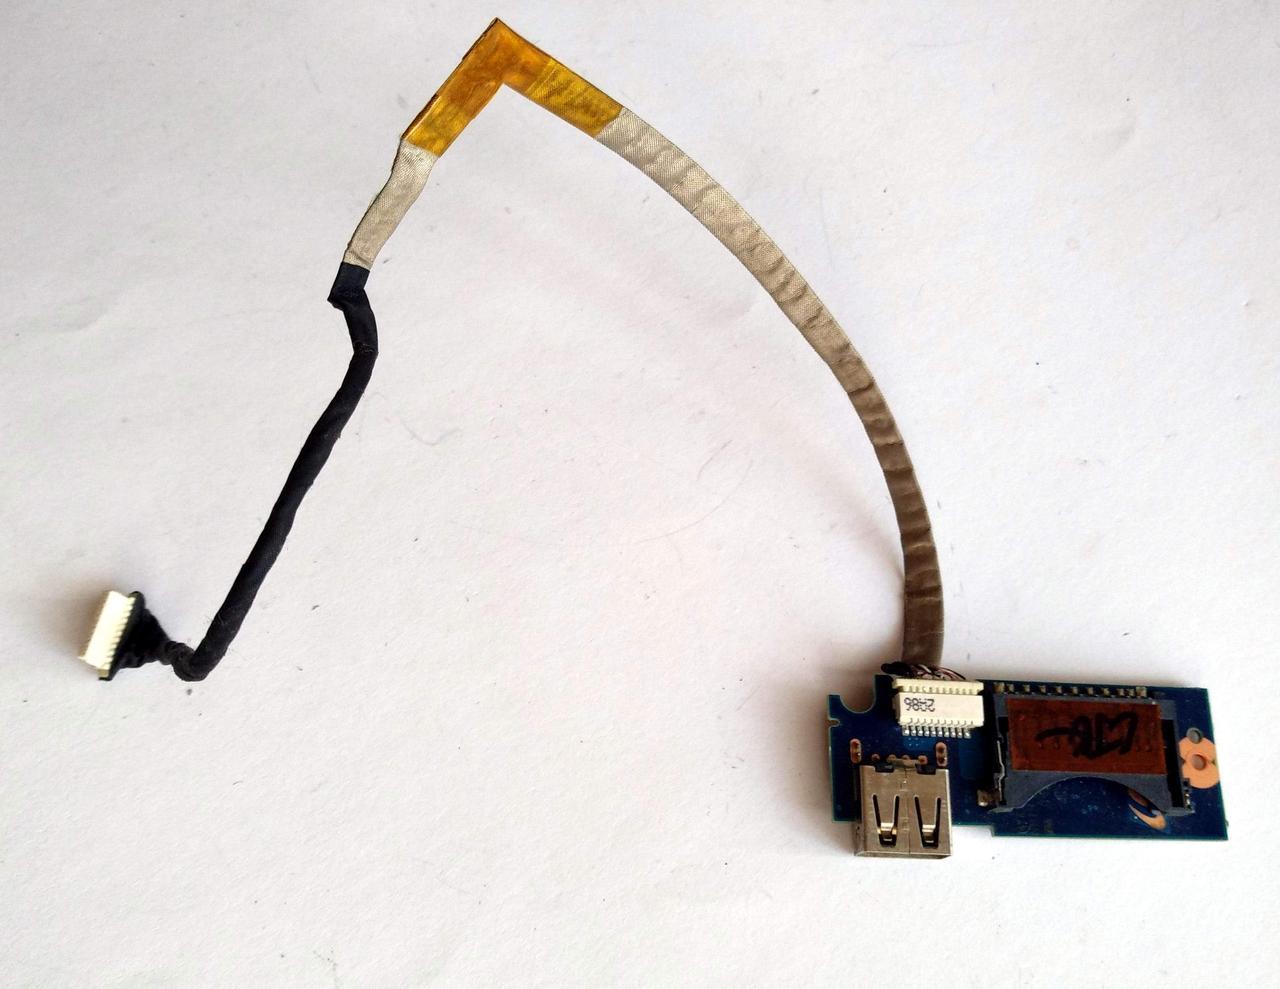 394 Кардридер + USB Samsung 535U 530U NP535U4C NP530U4C NP530U4B - BA92-10289A Lotus-14CML_USB_SUB